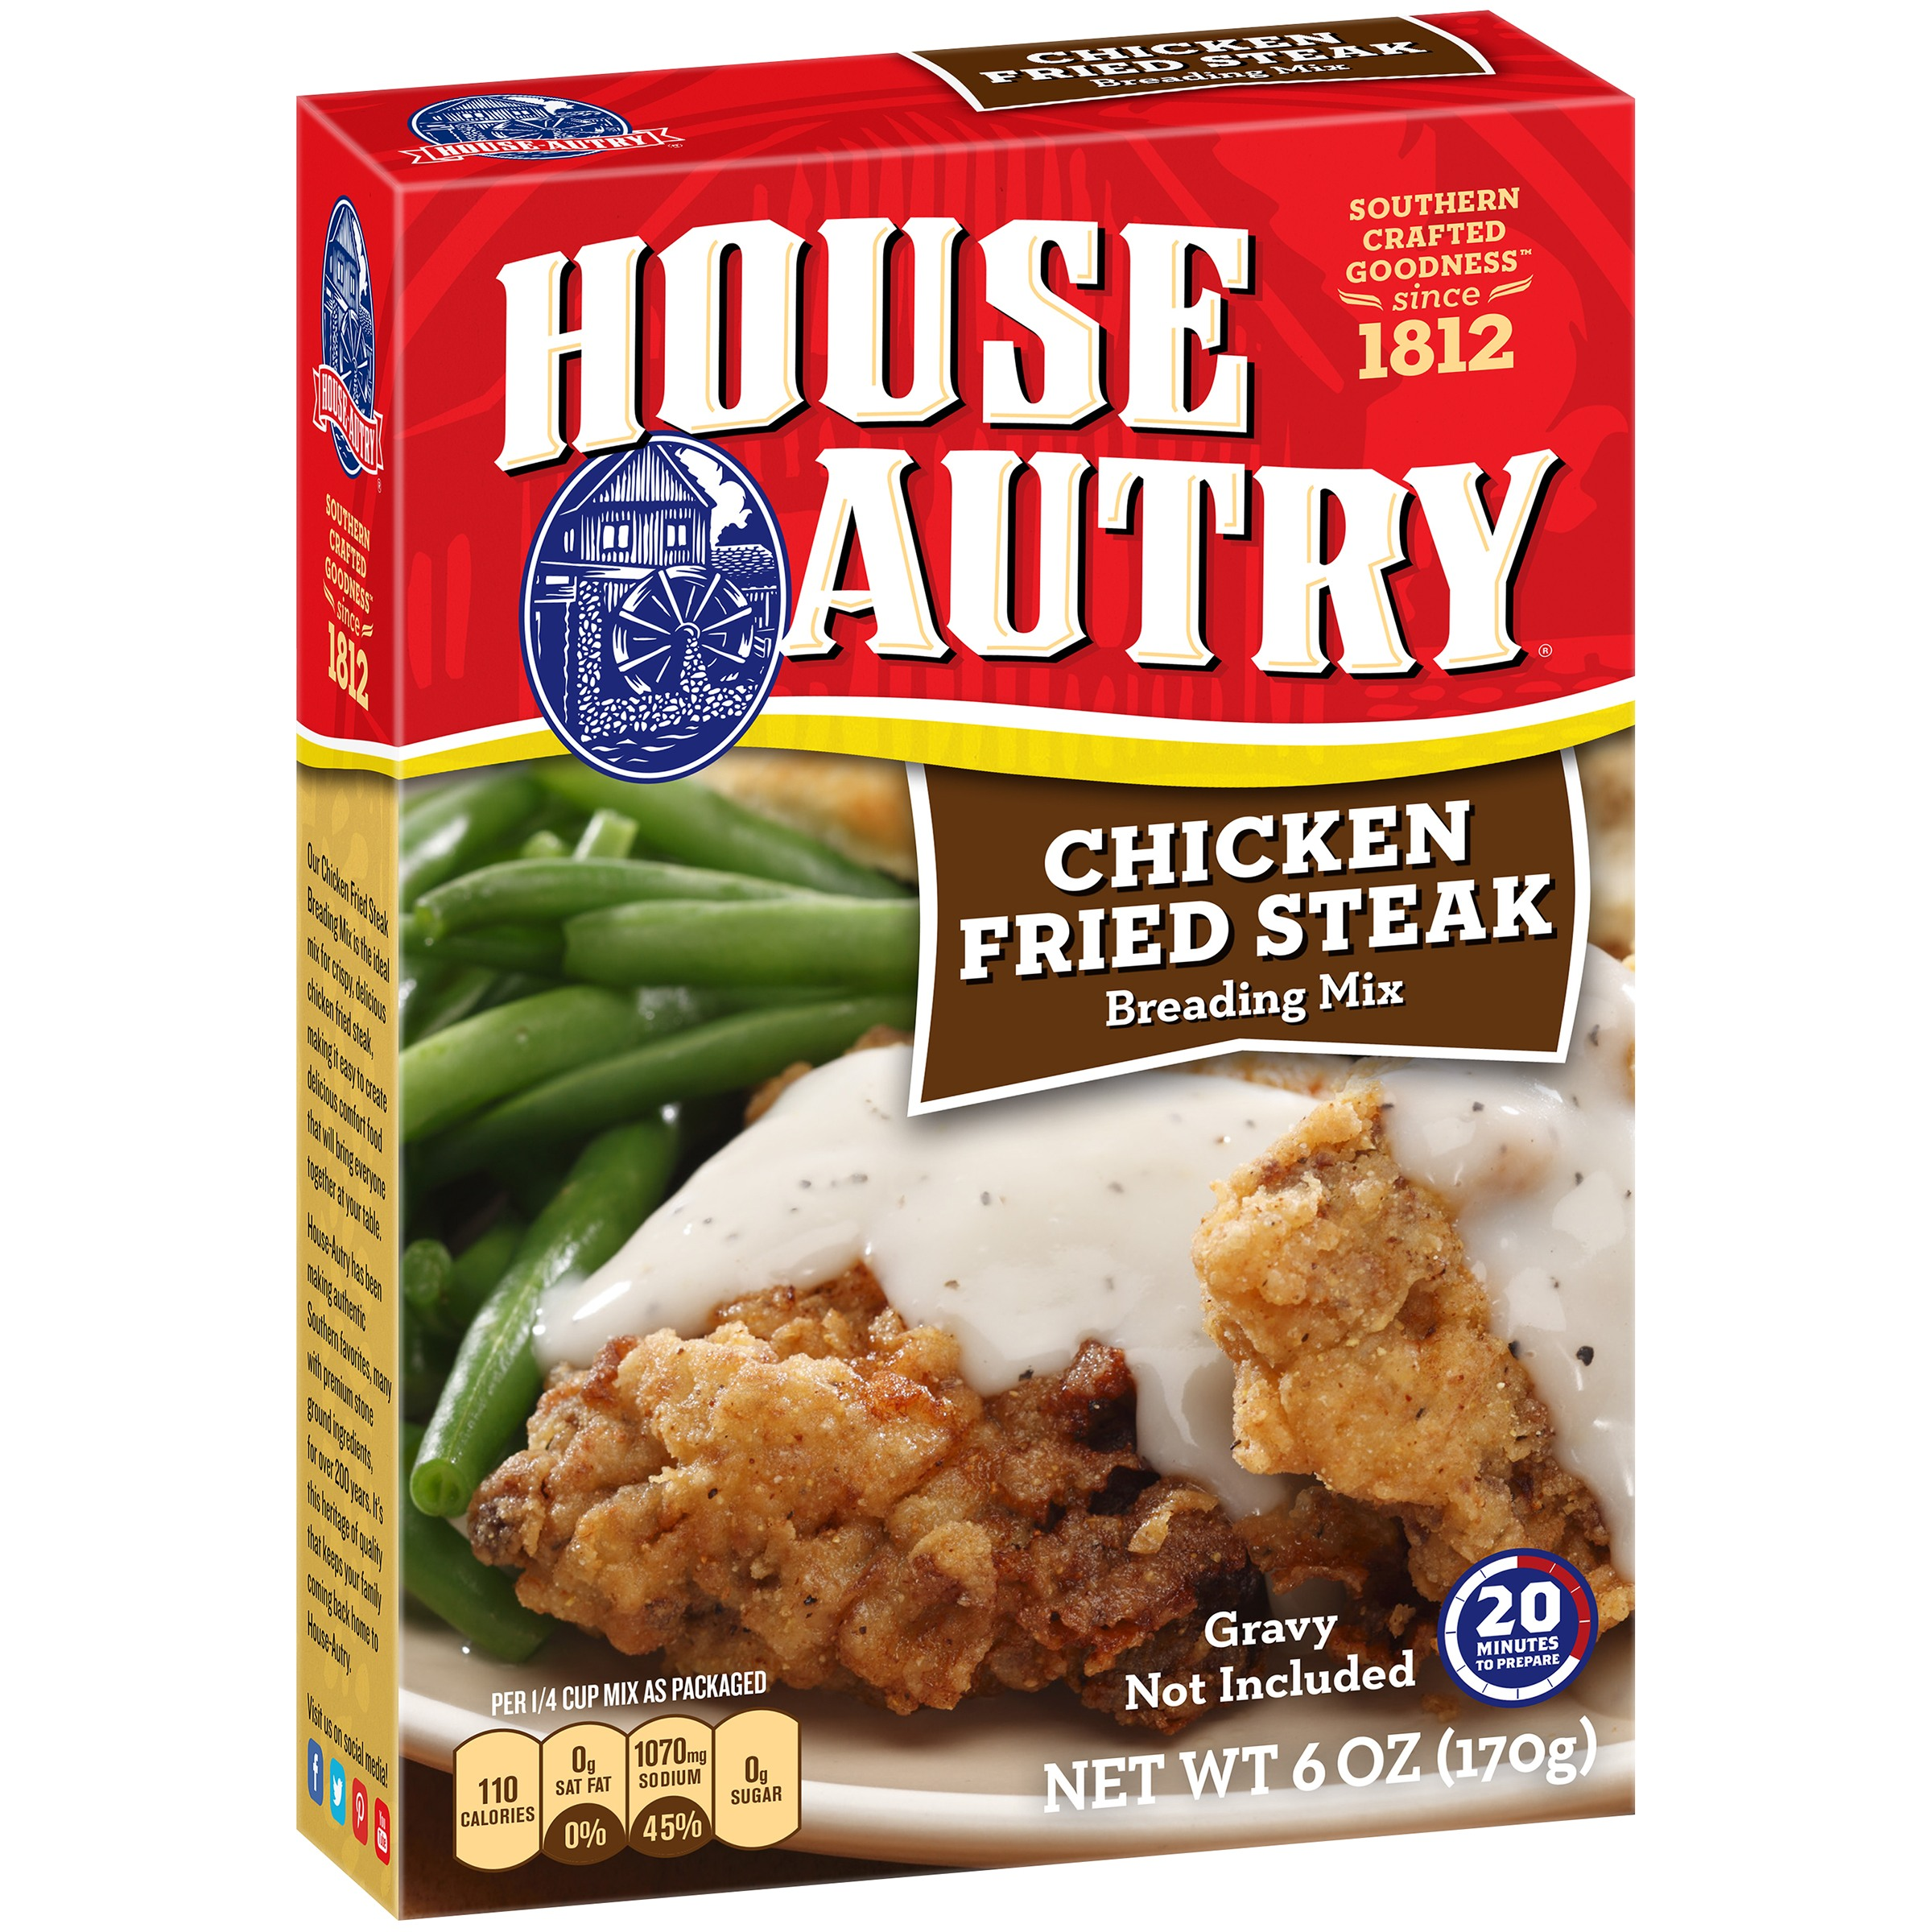 House Autry Chicken Fried Steak Breading Mix, 6 oz